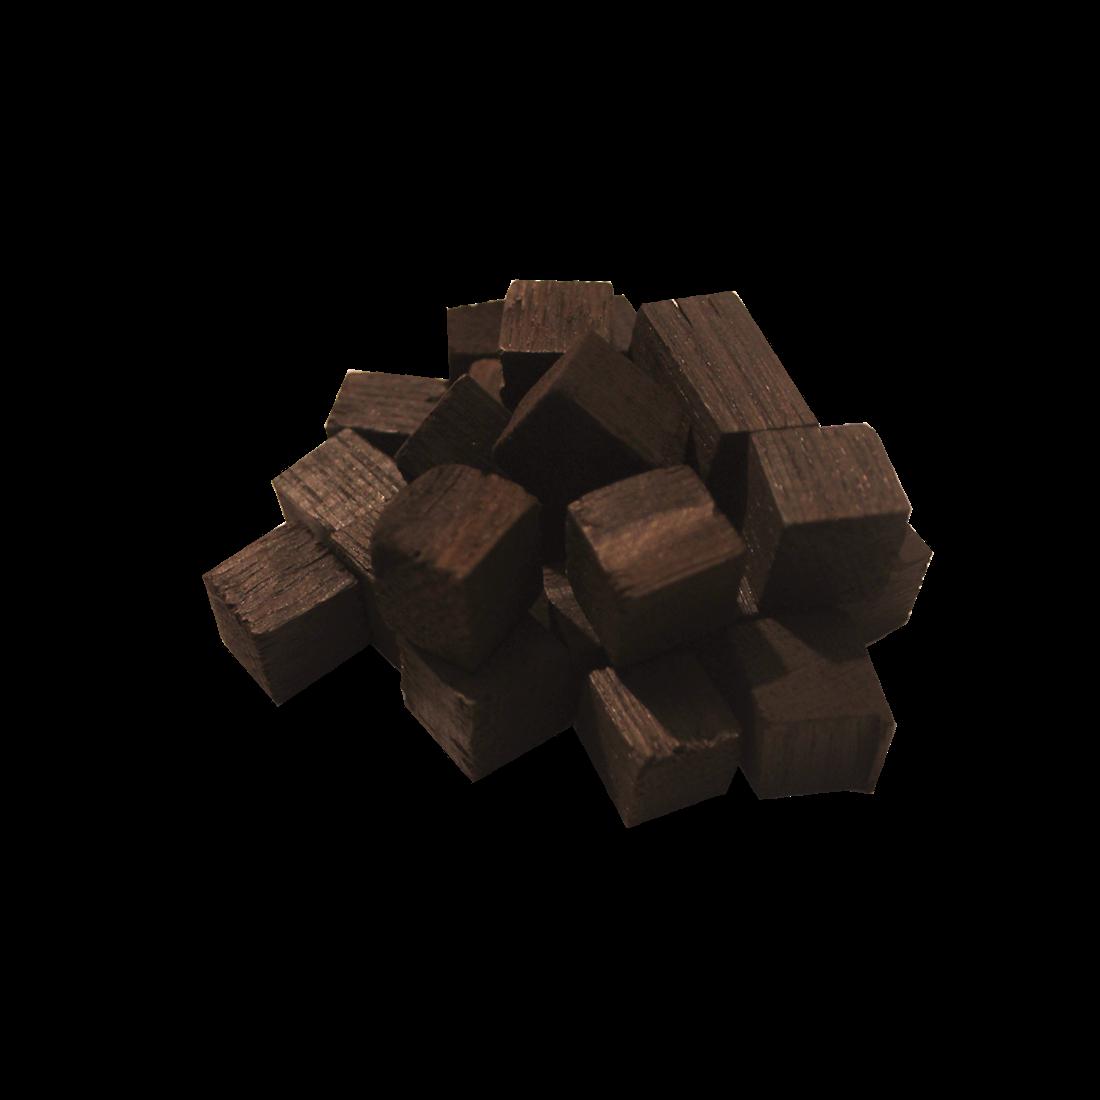 Дубовые кубики (сильный обжиг) 1 кг